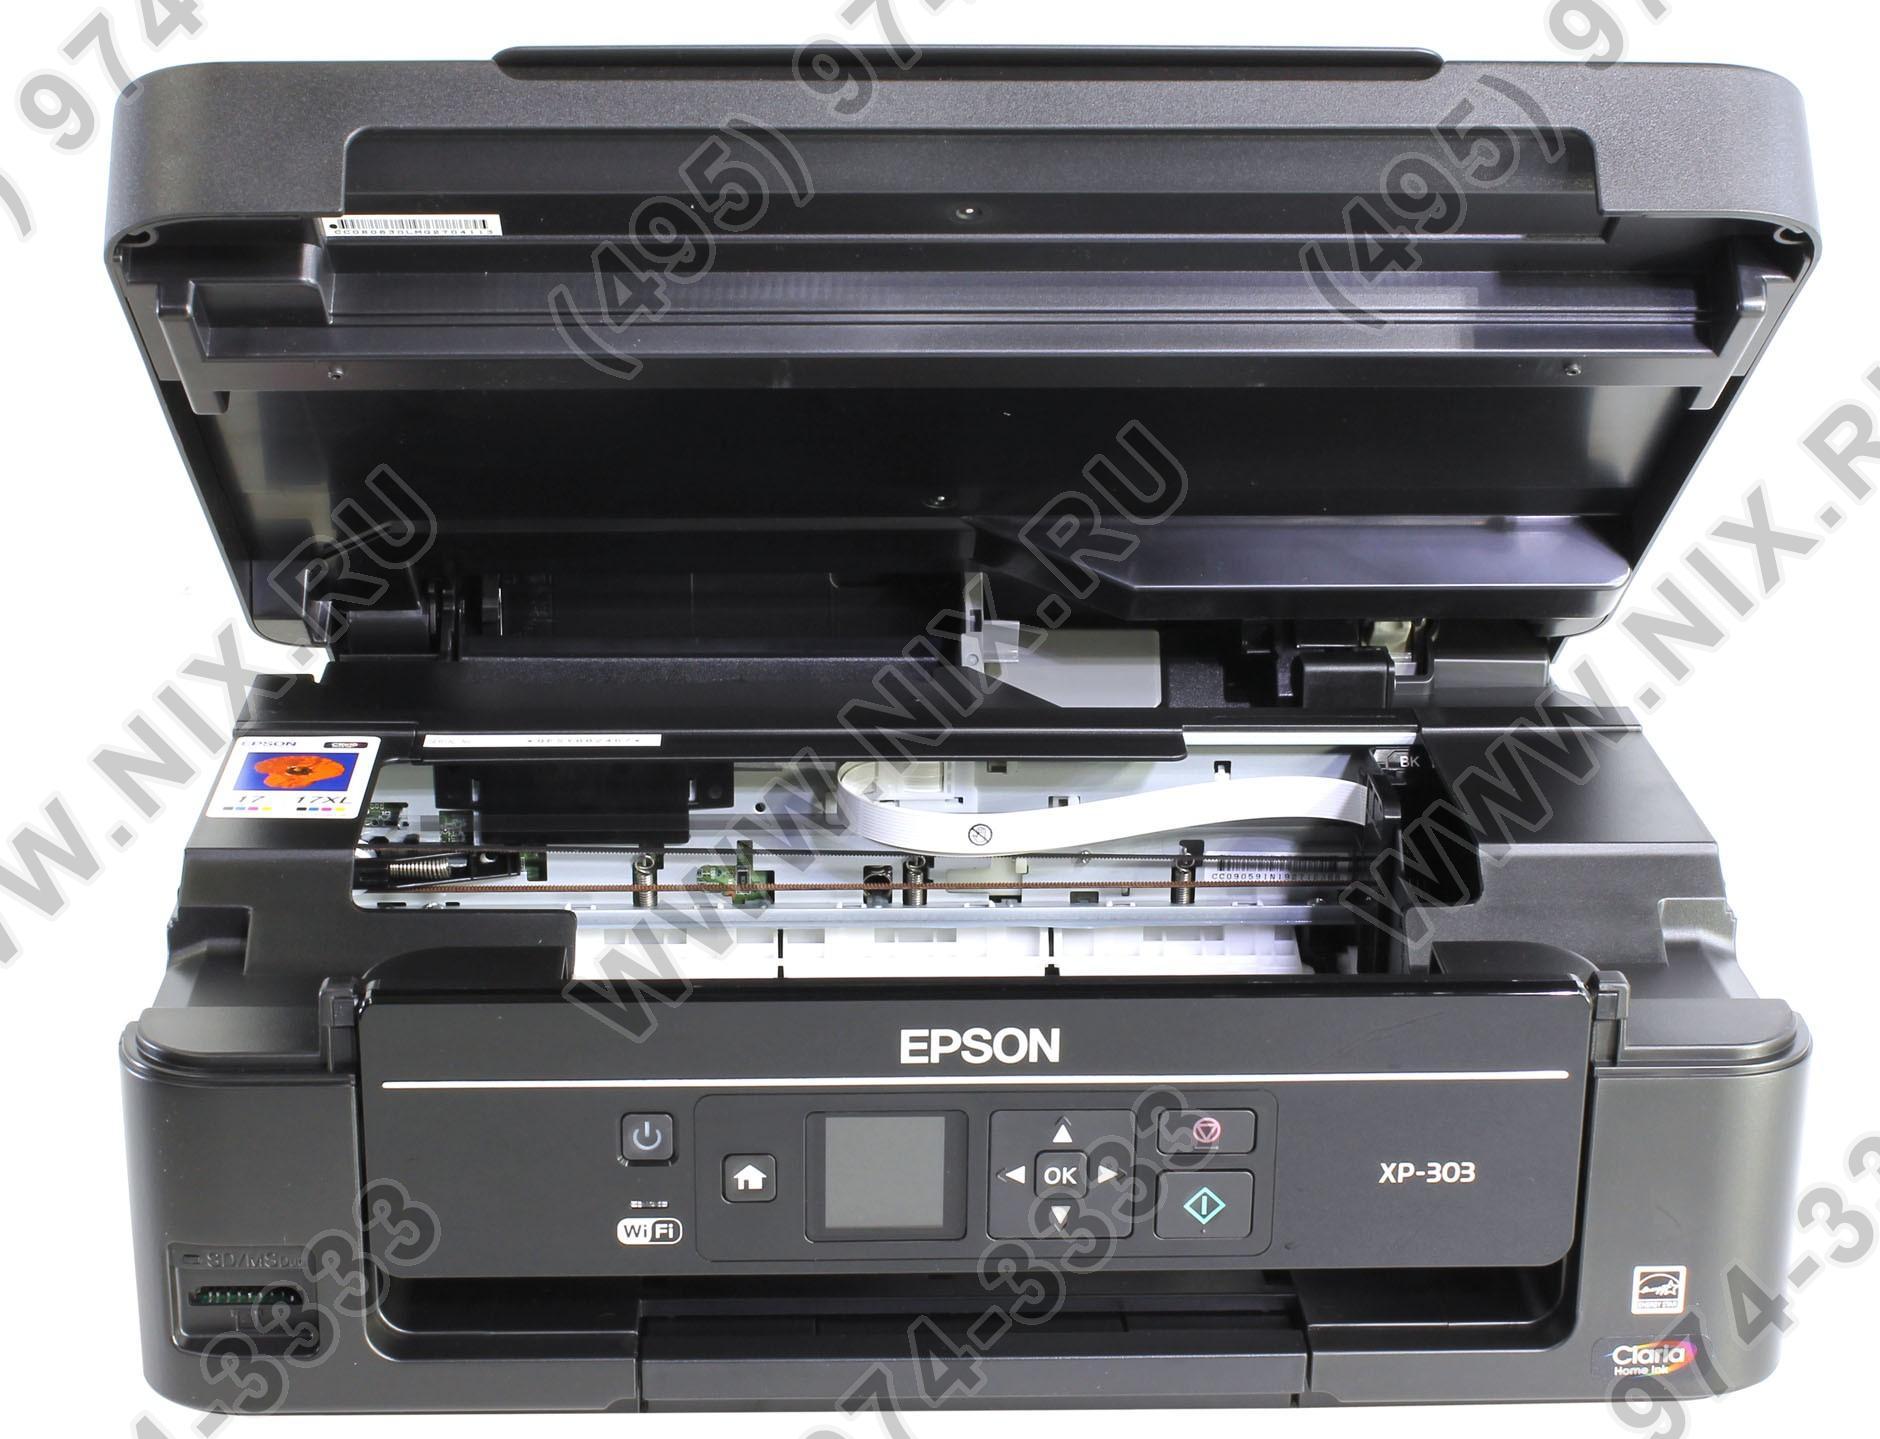 Скачать драйвер на принтер epson xp 303